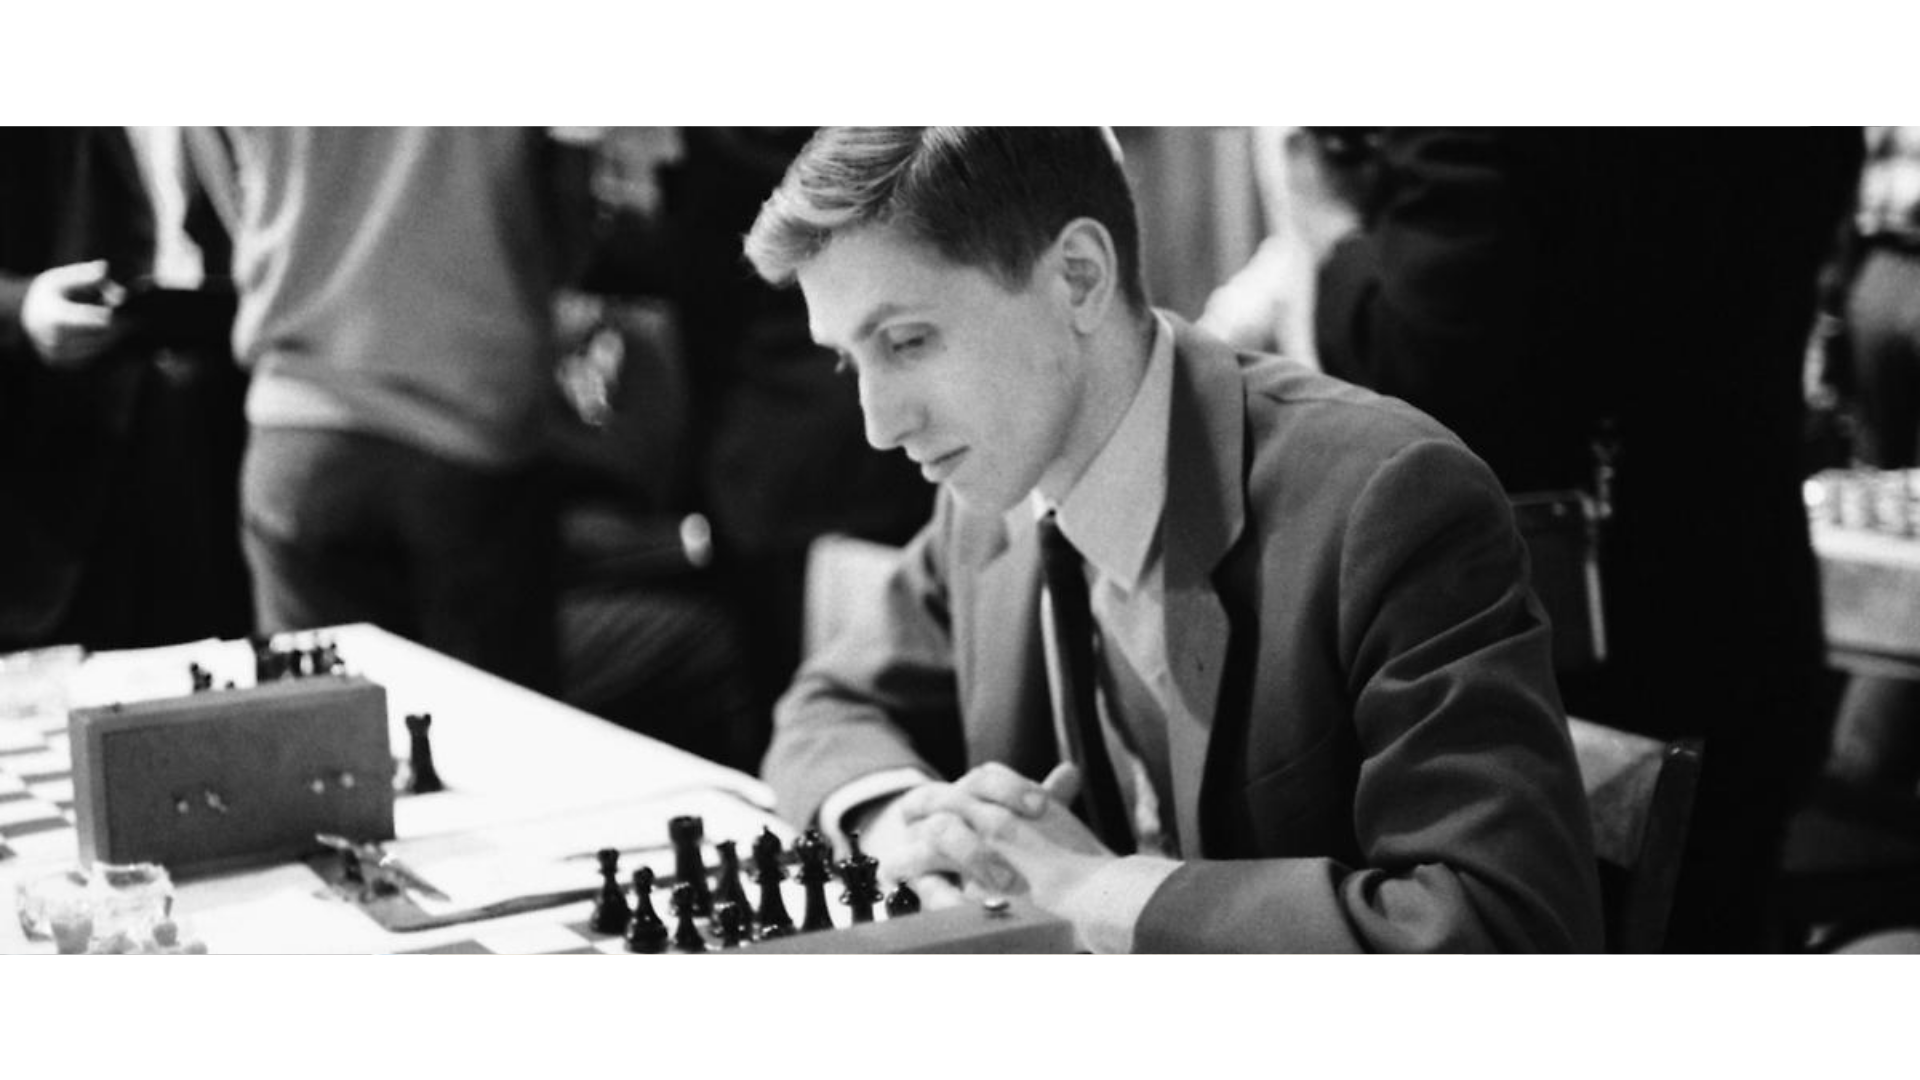 Satranç oynayan bir oyuncunun görseli.